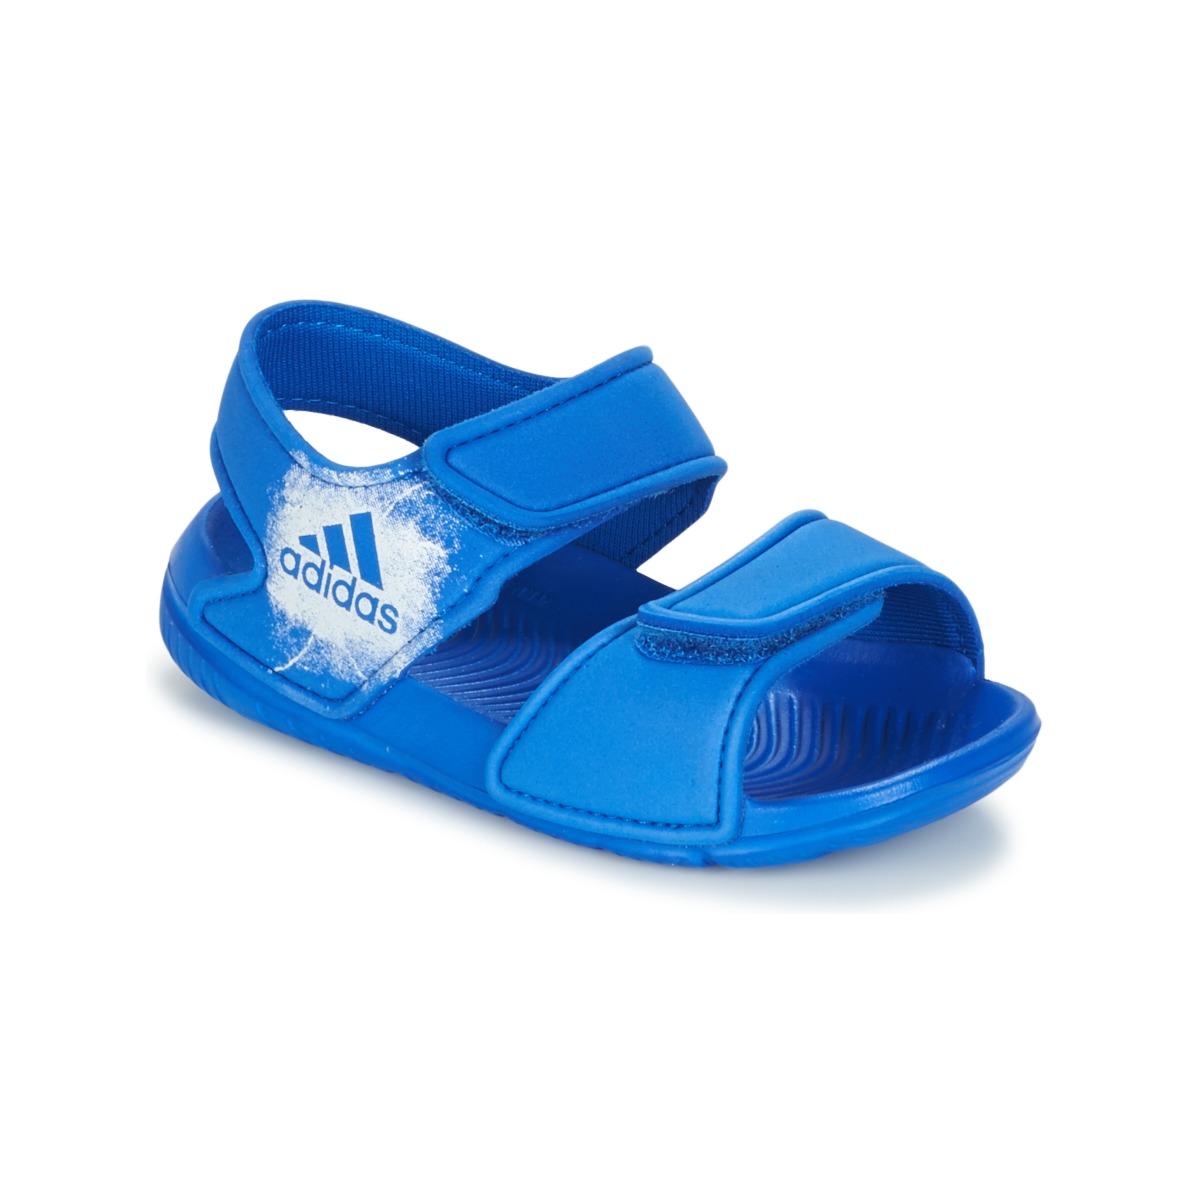 meet 051f6 29559 adidas Sandale i polusandale ALTASWIM I Blue